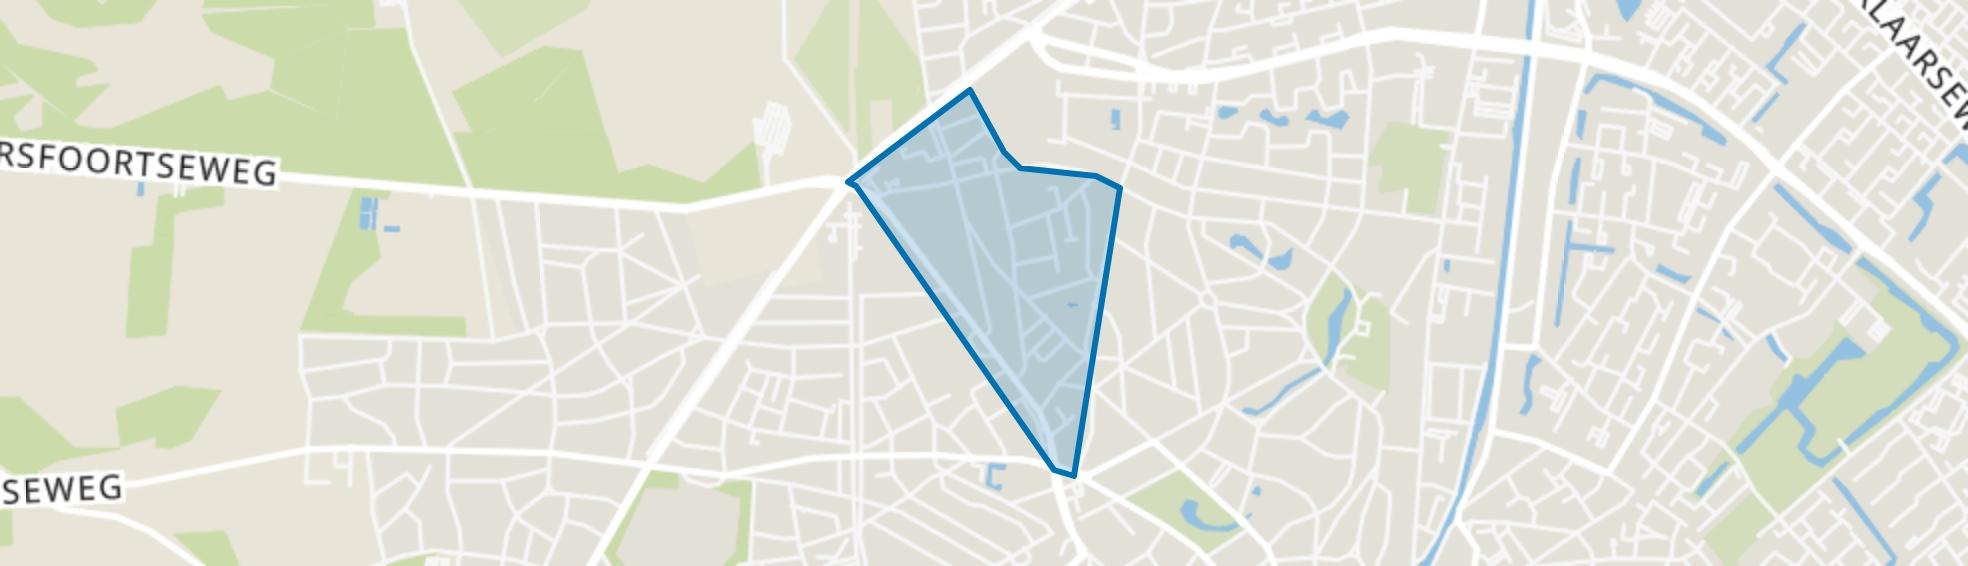 Loolaan-Noord, Apeldoorn map